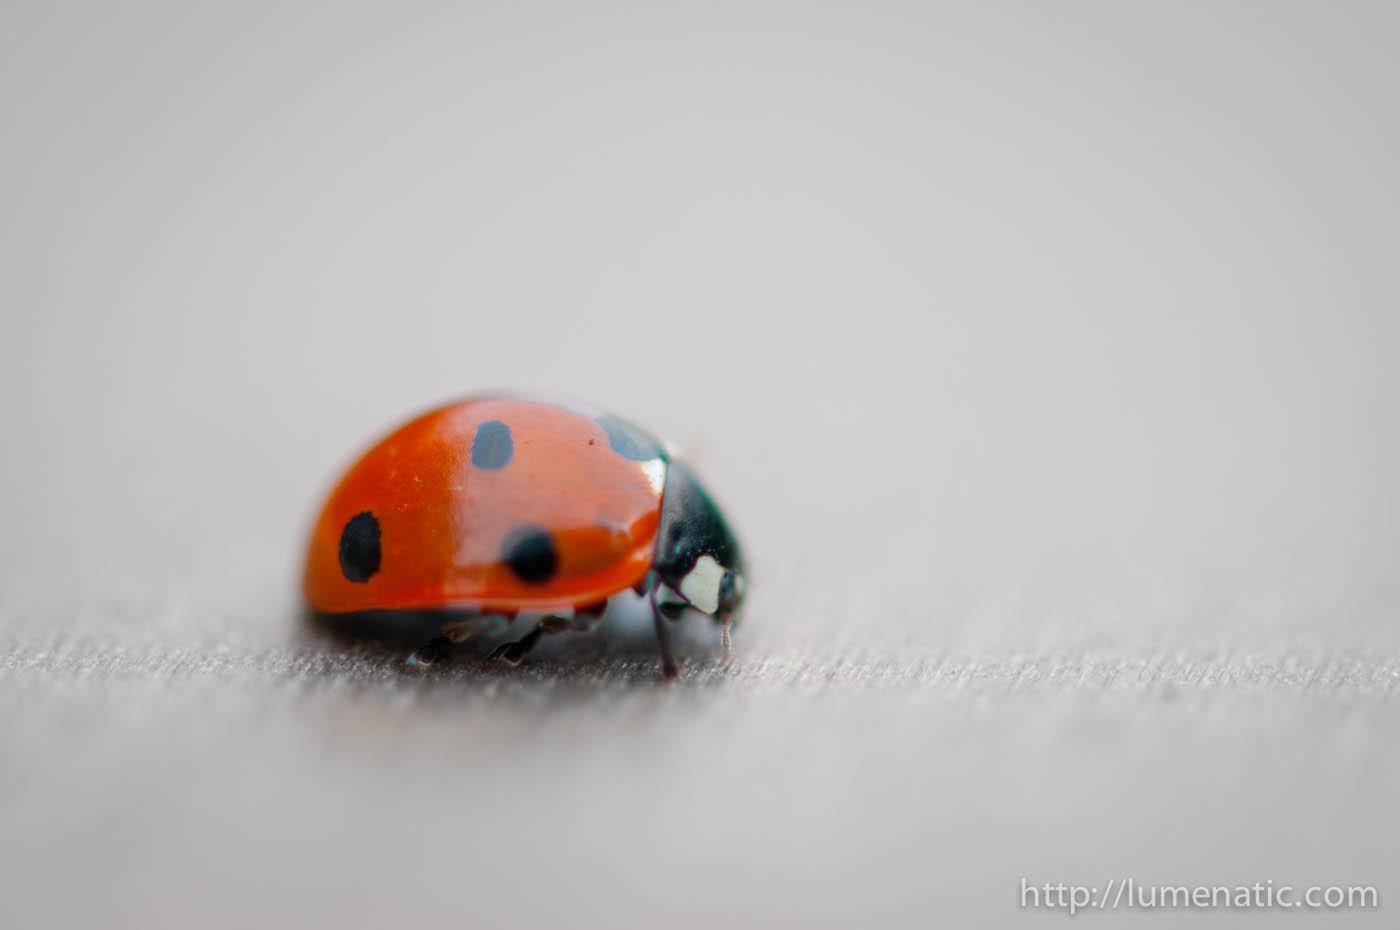 Another ladybug post